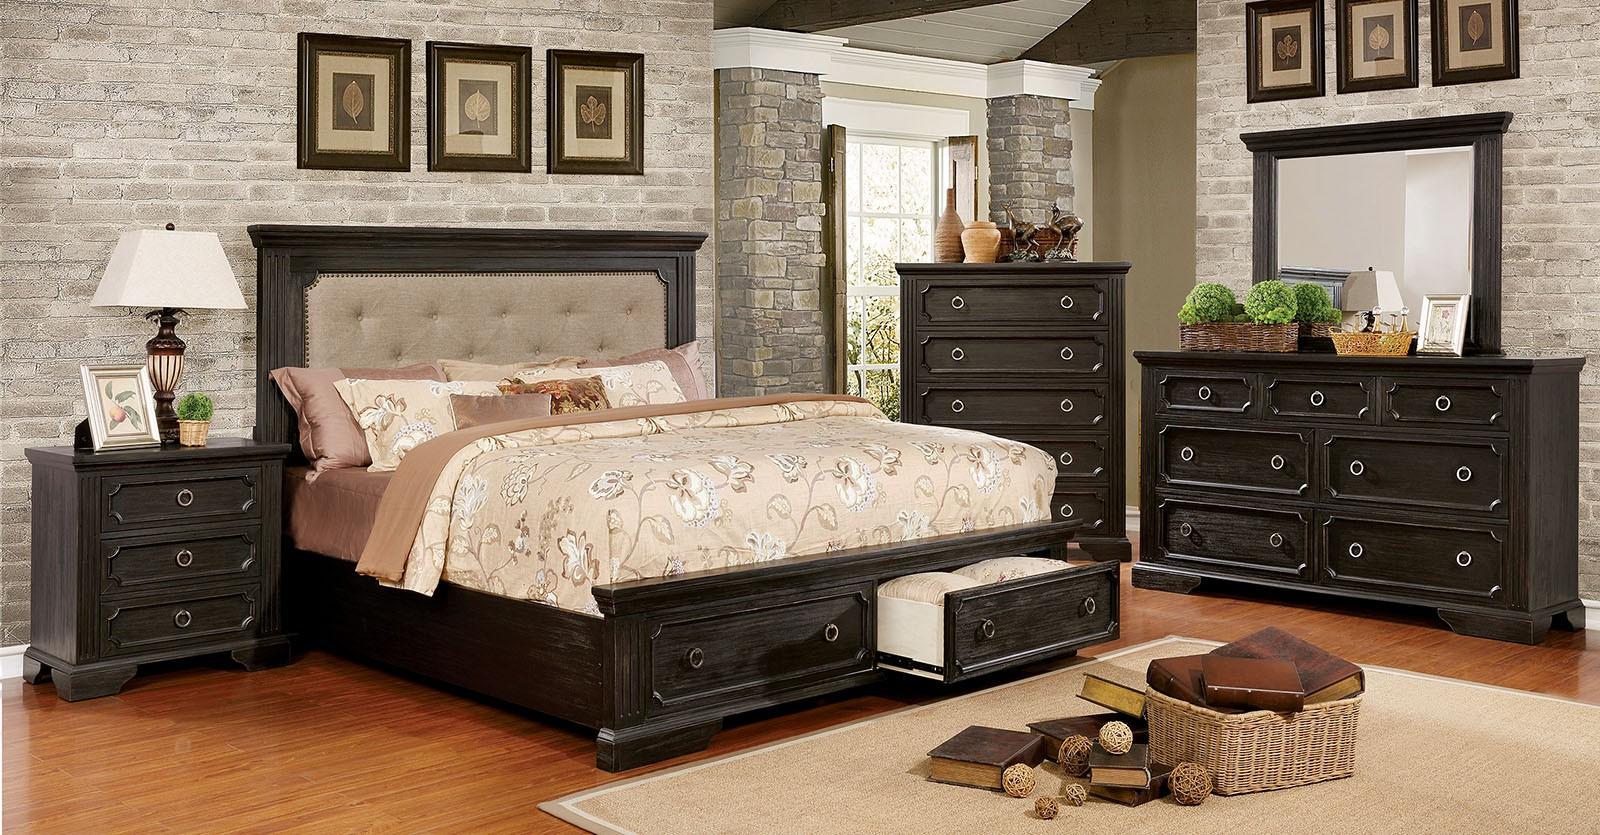 Furniture Black Bed Storage 4pc Bedroom Set Hot Sectionals